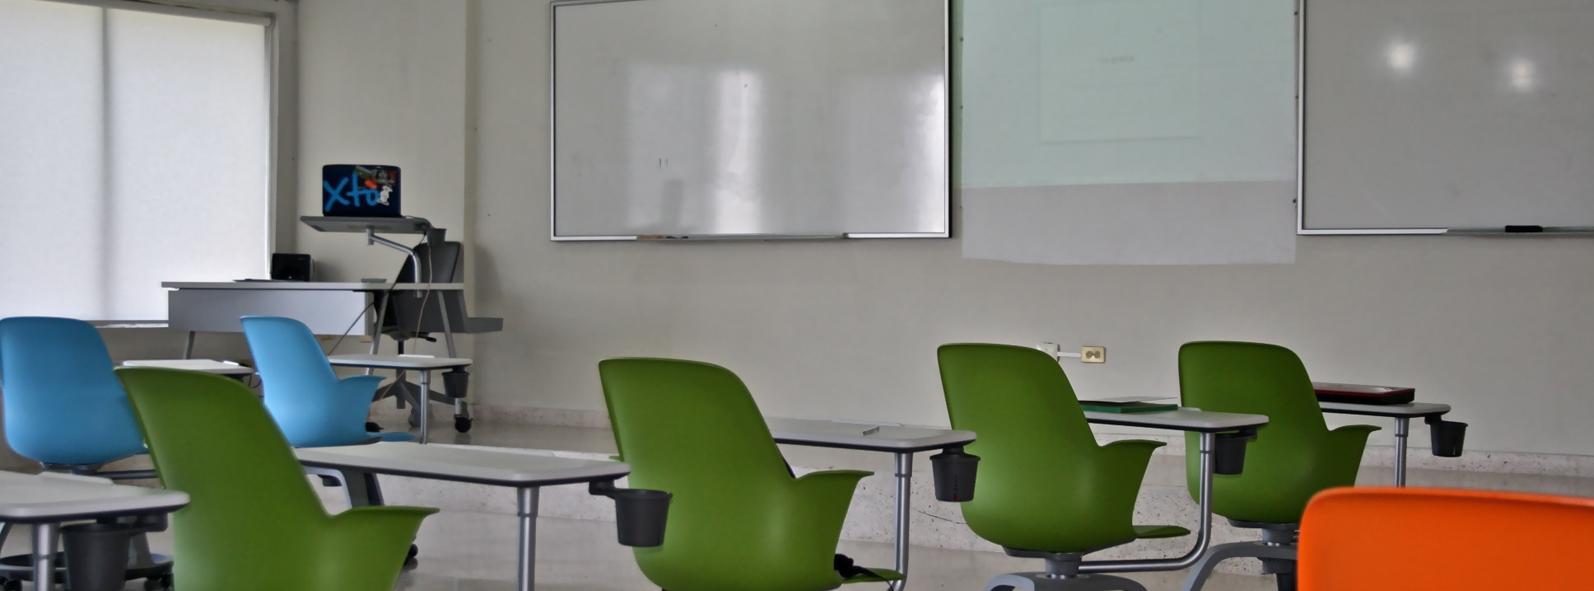 Sonorização de sala de aula